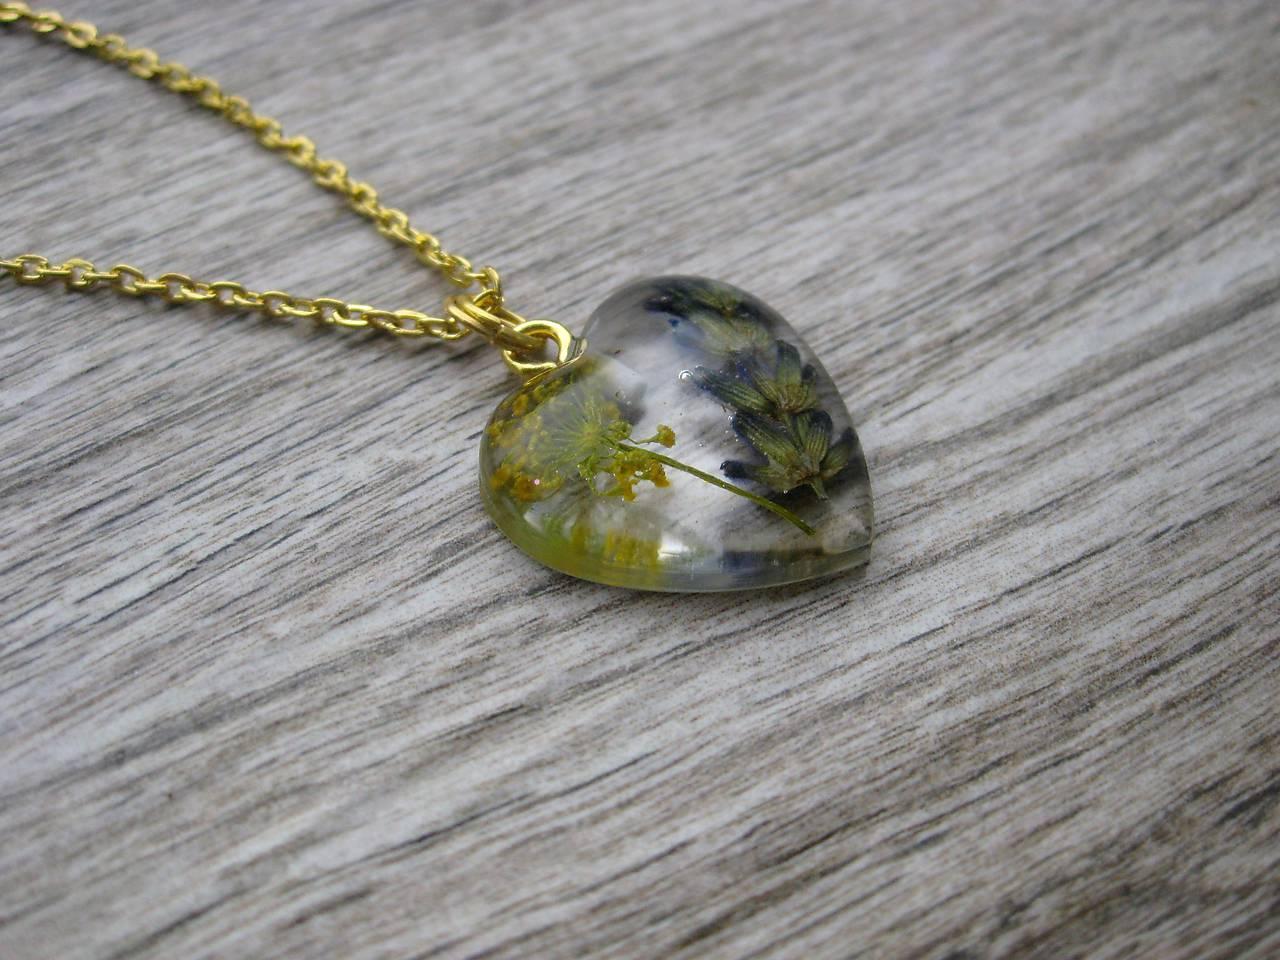 b3d9a1909f3c ... Náhrdelníky - Srdiečko s kvietkami - živicový náhrdelník (Živicové  srdiečko s levanduľou menšie- náhrdelník ...